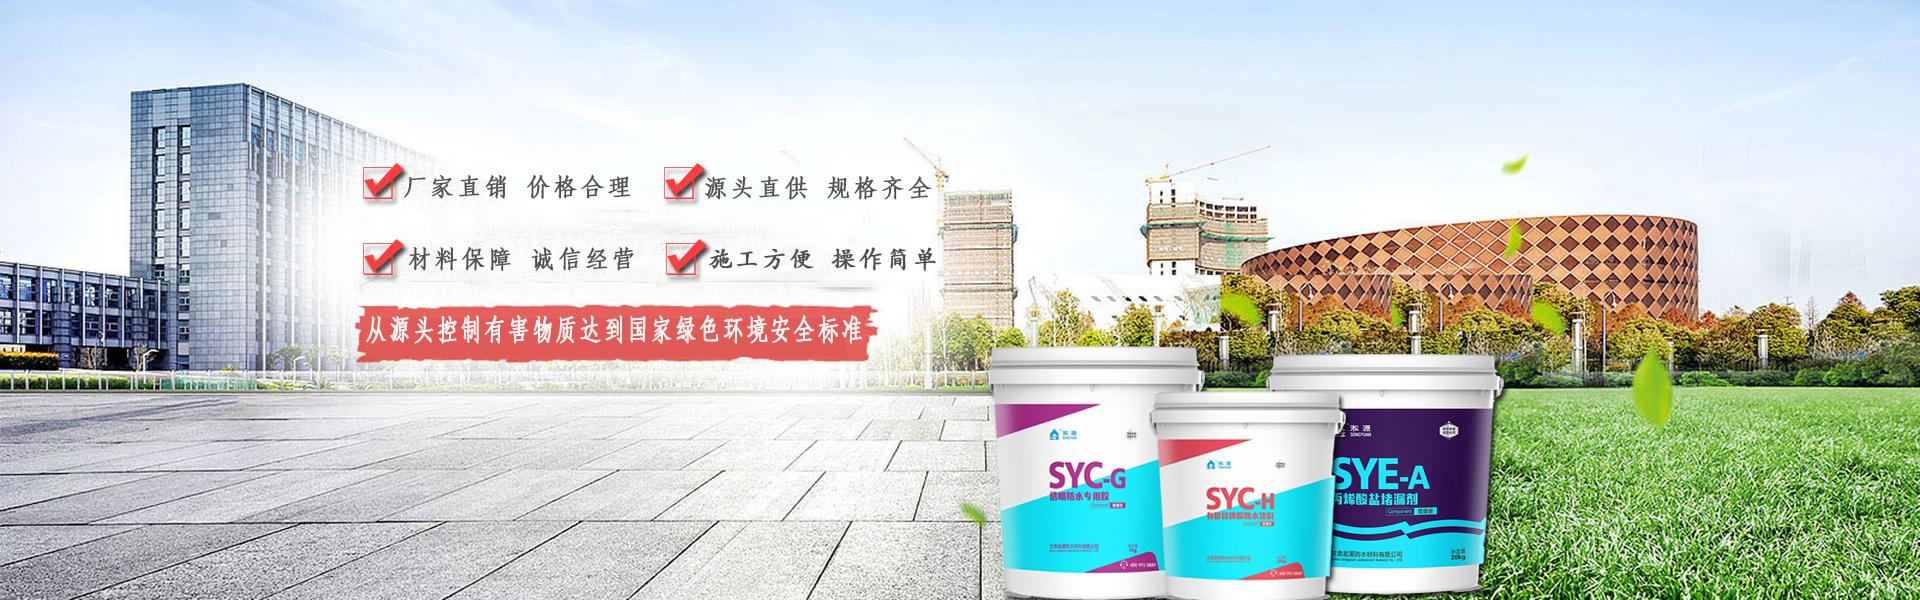 专业防水涂料生产研发厂家